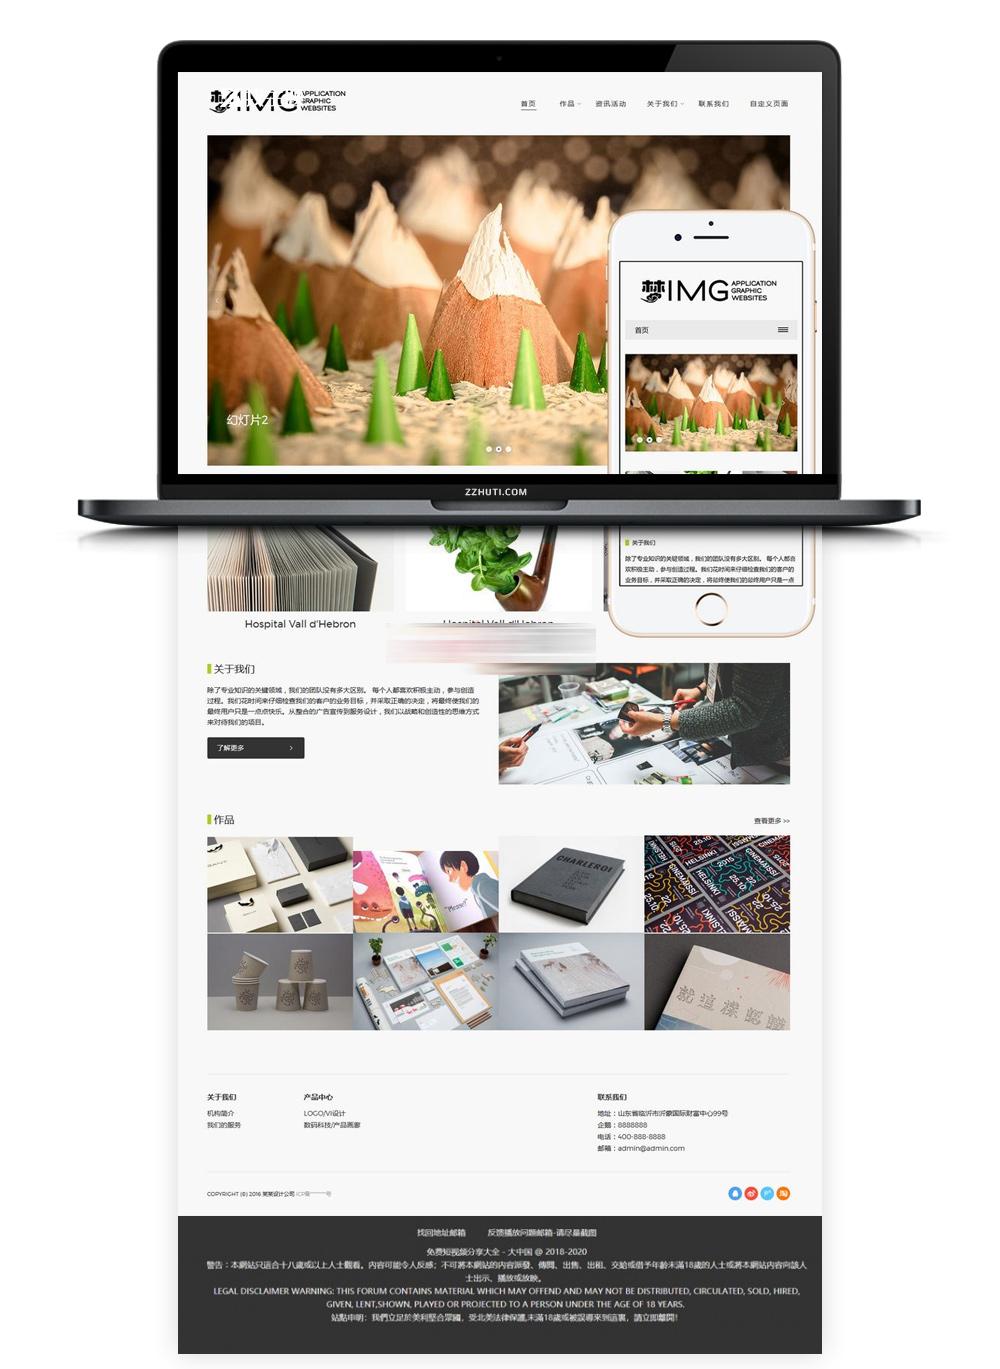 HTML5响应式网站空气杂志期刊企业画册设计公司网站源码 DEDECMS模板